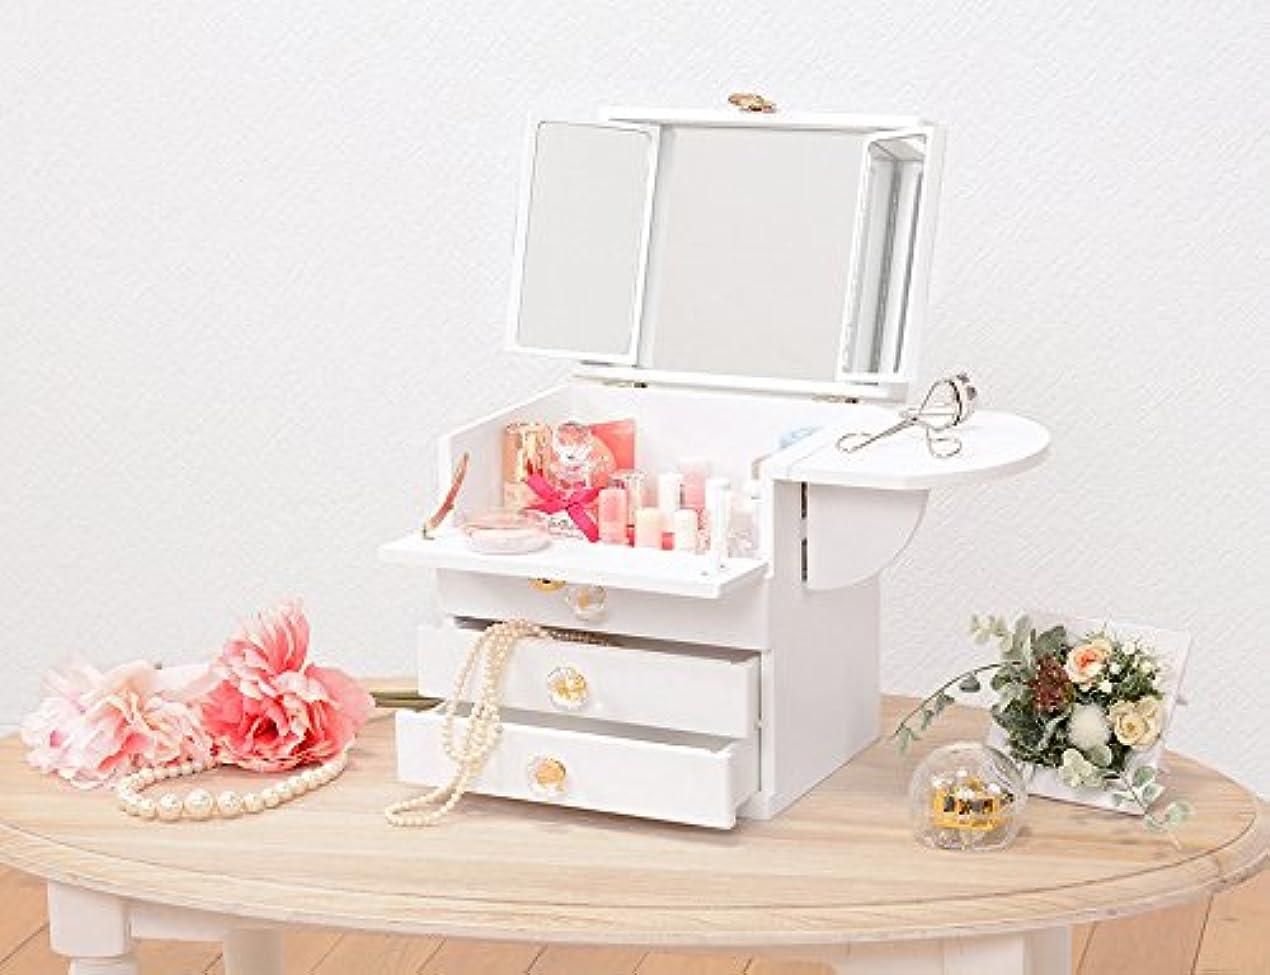 長くする圧縮アンペアコスメボックス 化粧ボックス ジュエリーボックス コスメ収納 収納ボックス 化粧台 3面鏡 完成品 折りたたみ式 軽量 コンパクト ホワイト